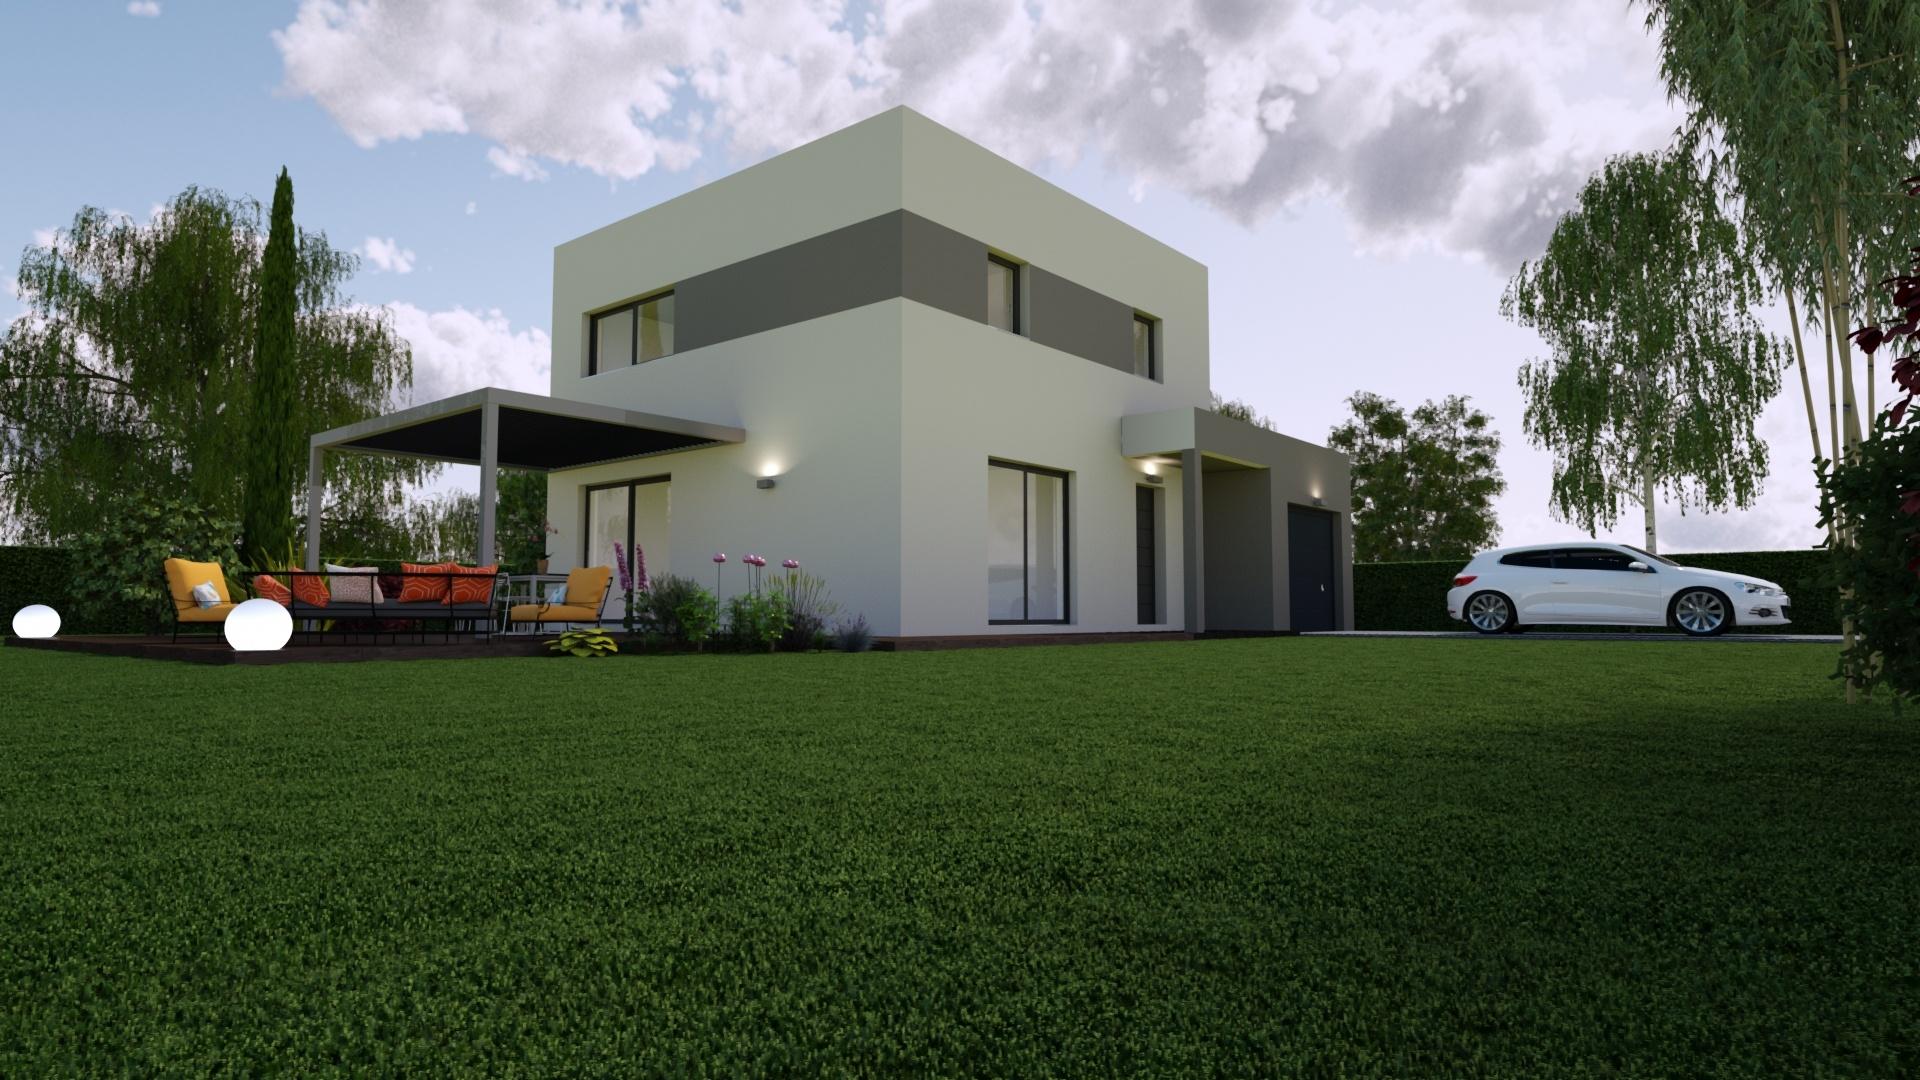 Maisons + Terrains du constructeur Mon Courtier Maison • 104 m² • SUCE SUR ERDRE